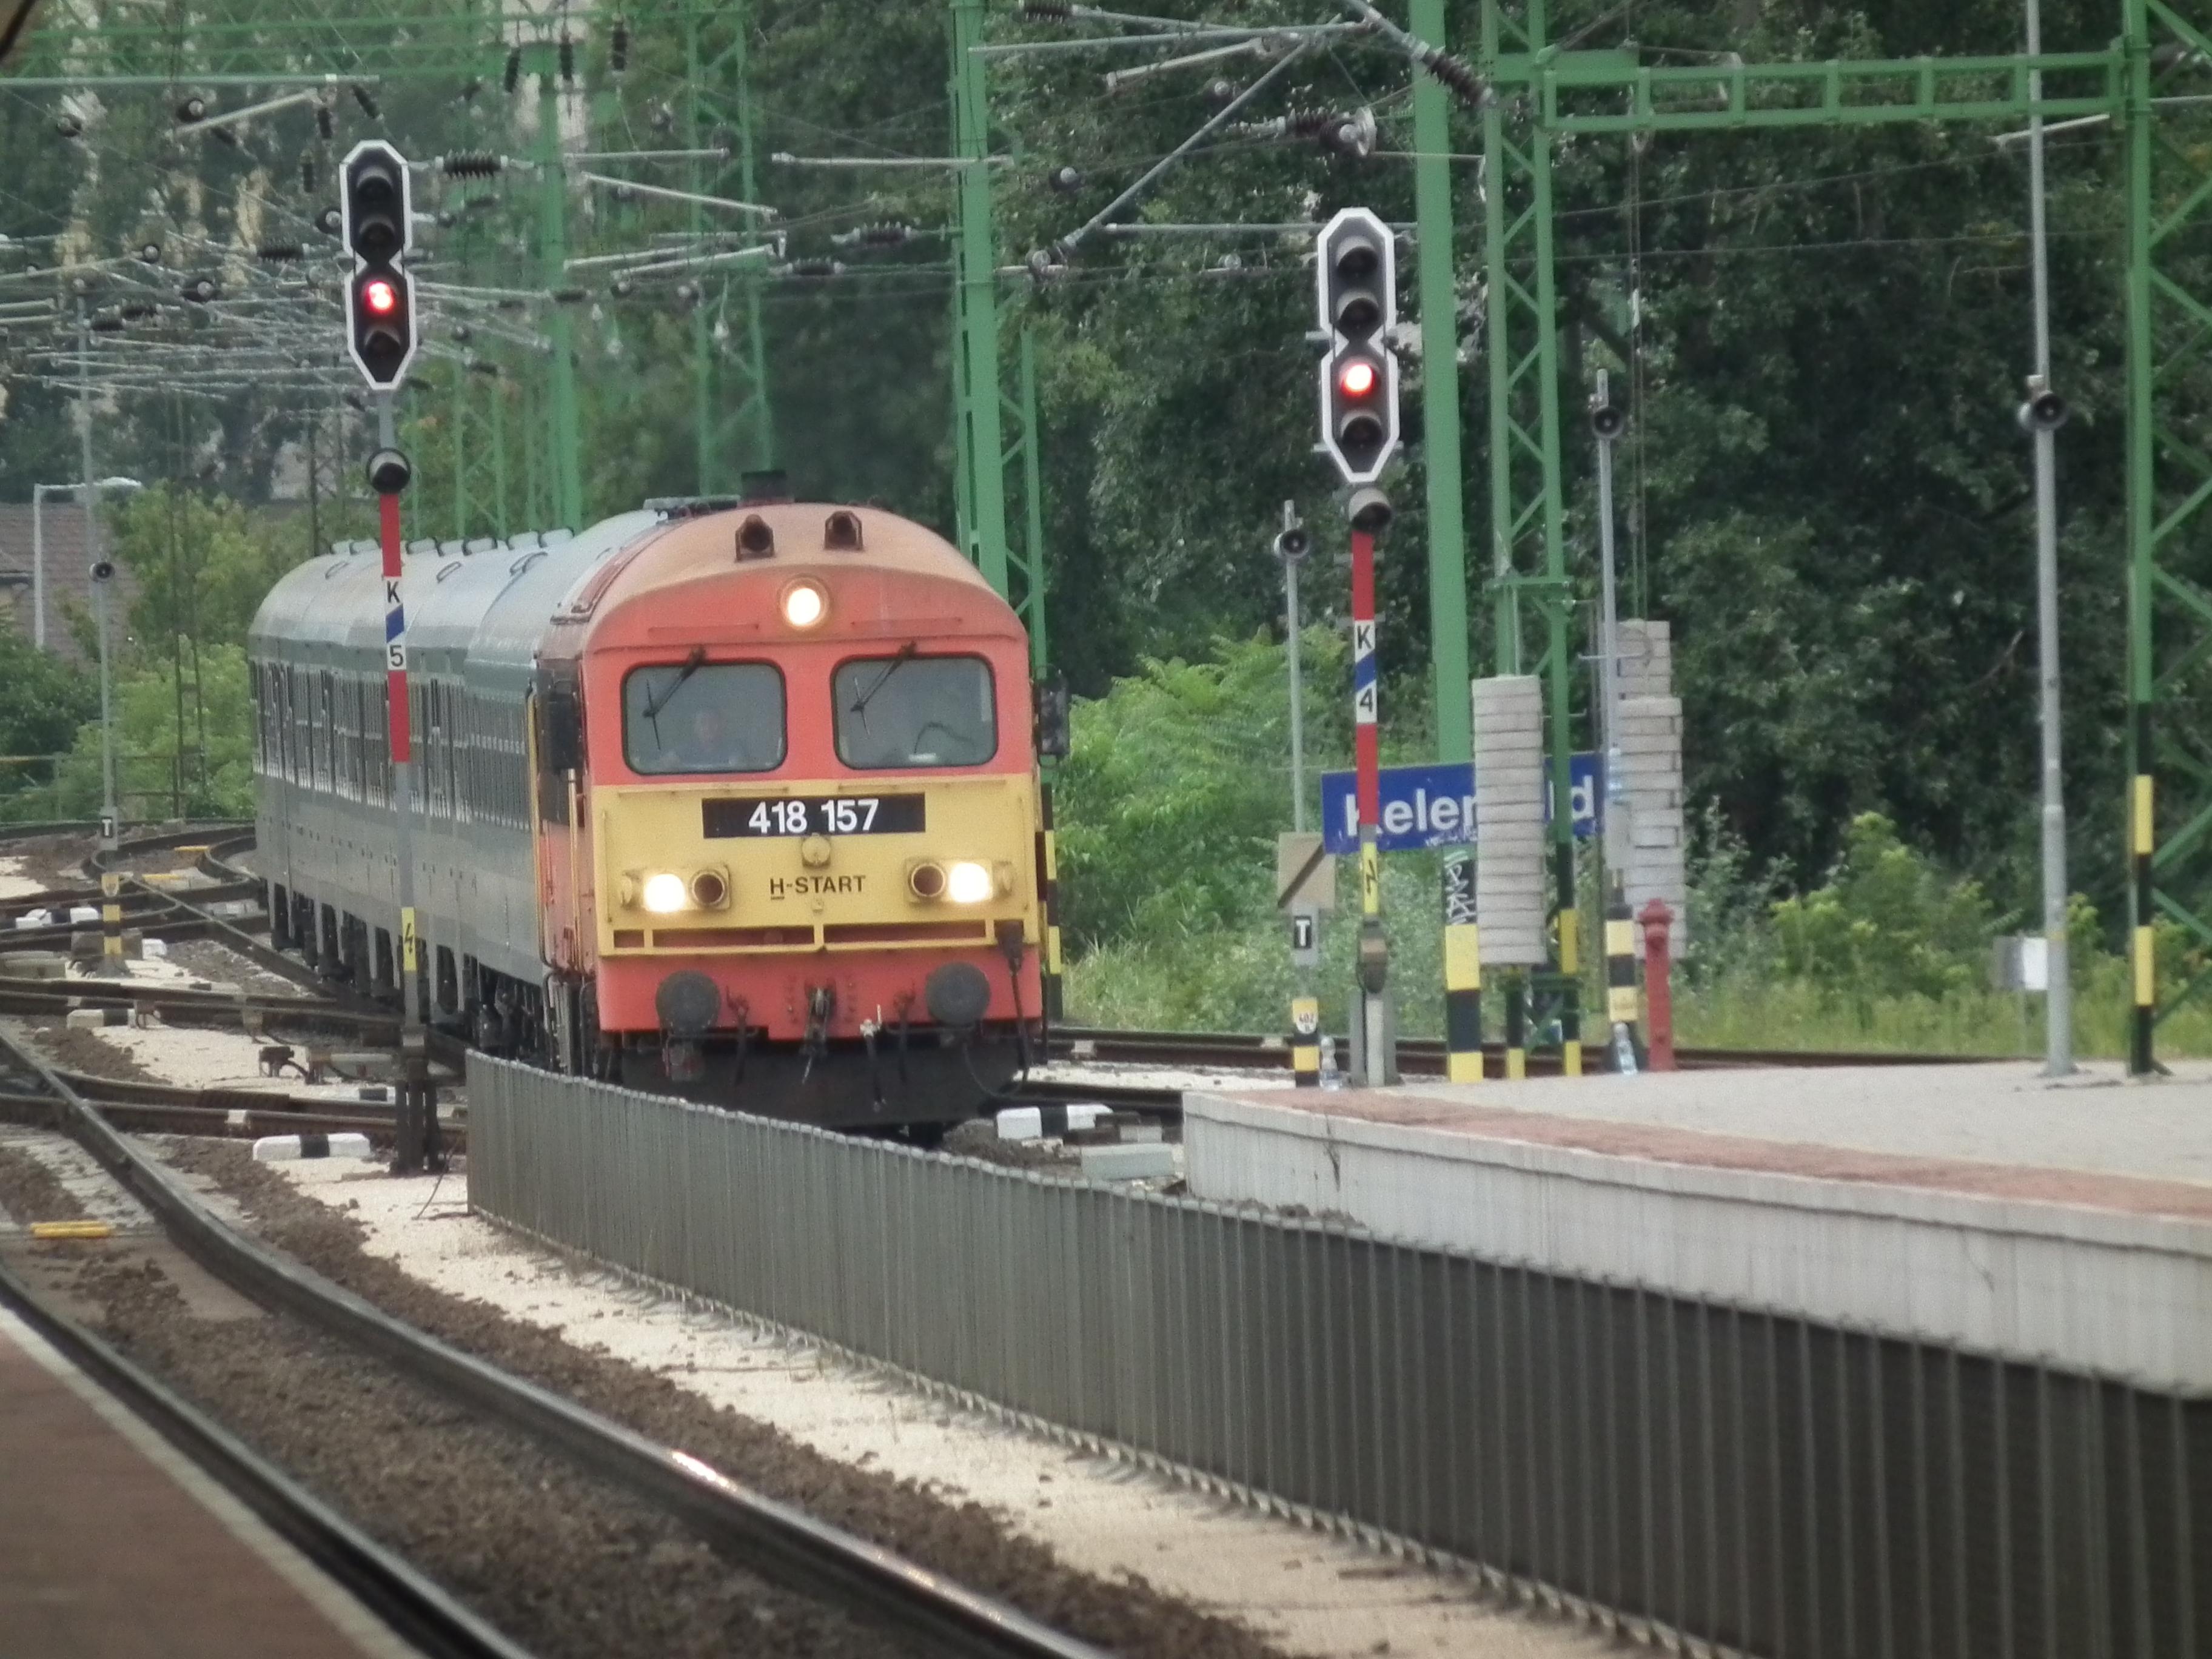 dscf1290.JPG